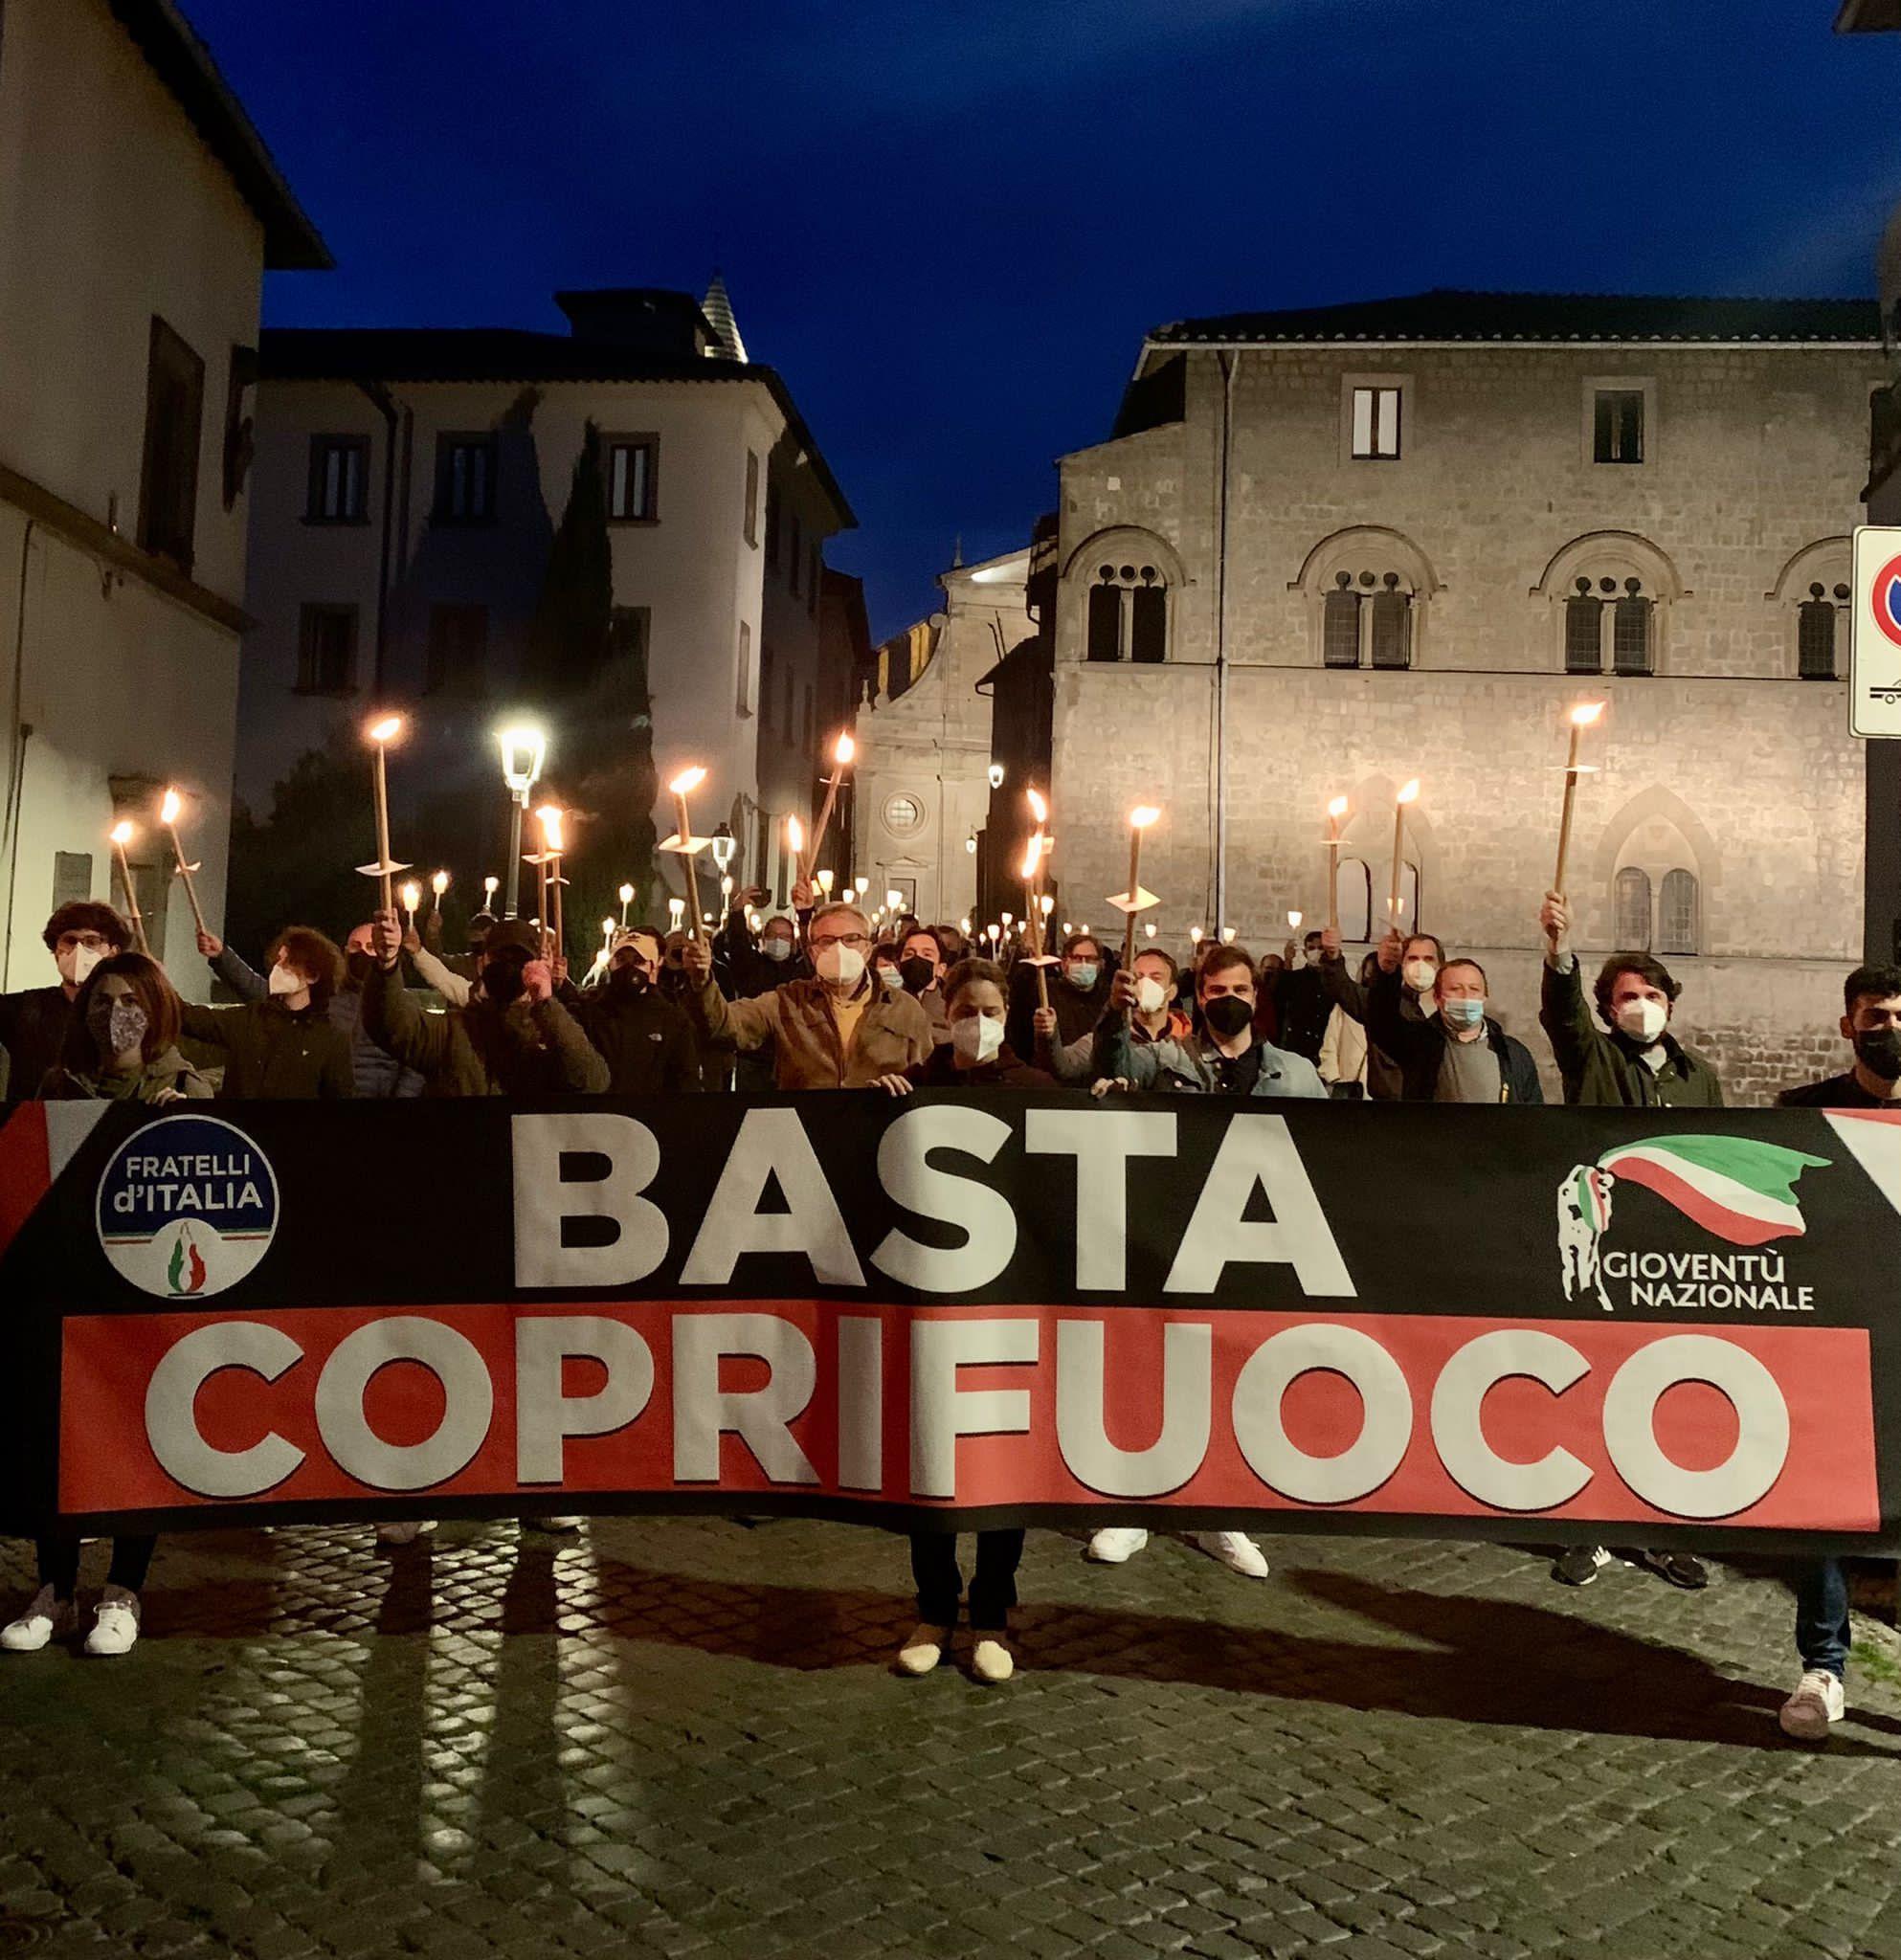 FRATELLI D'ITALIA IN PIAZZA A VITERBO, CONTRO IL COPRIFUOCO DELLE 22